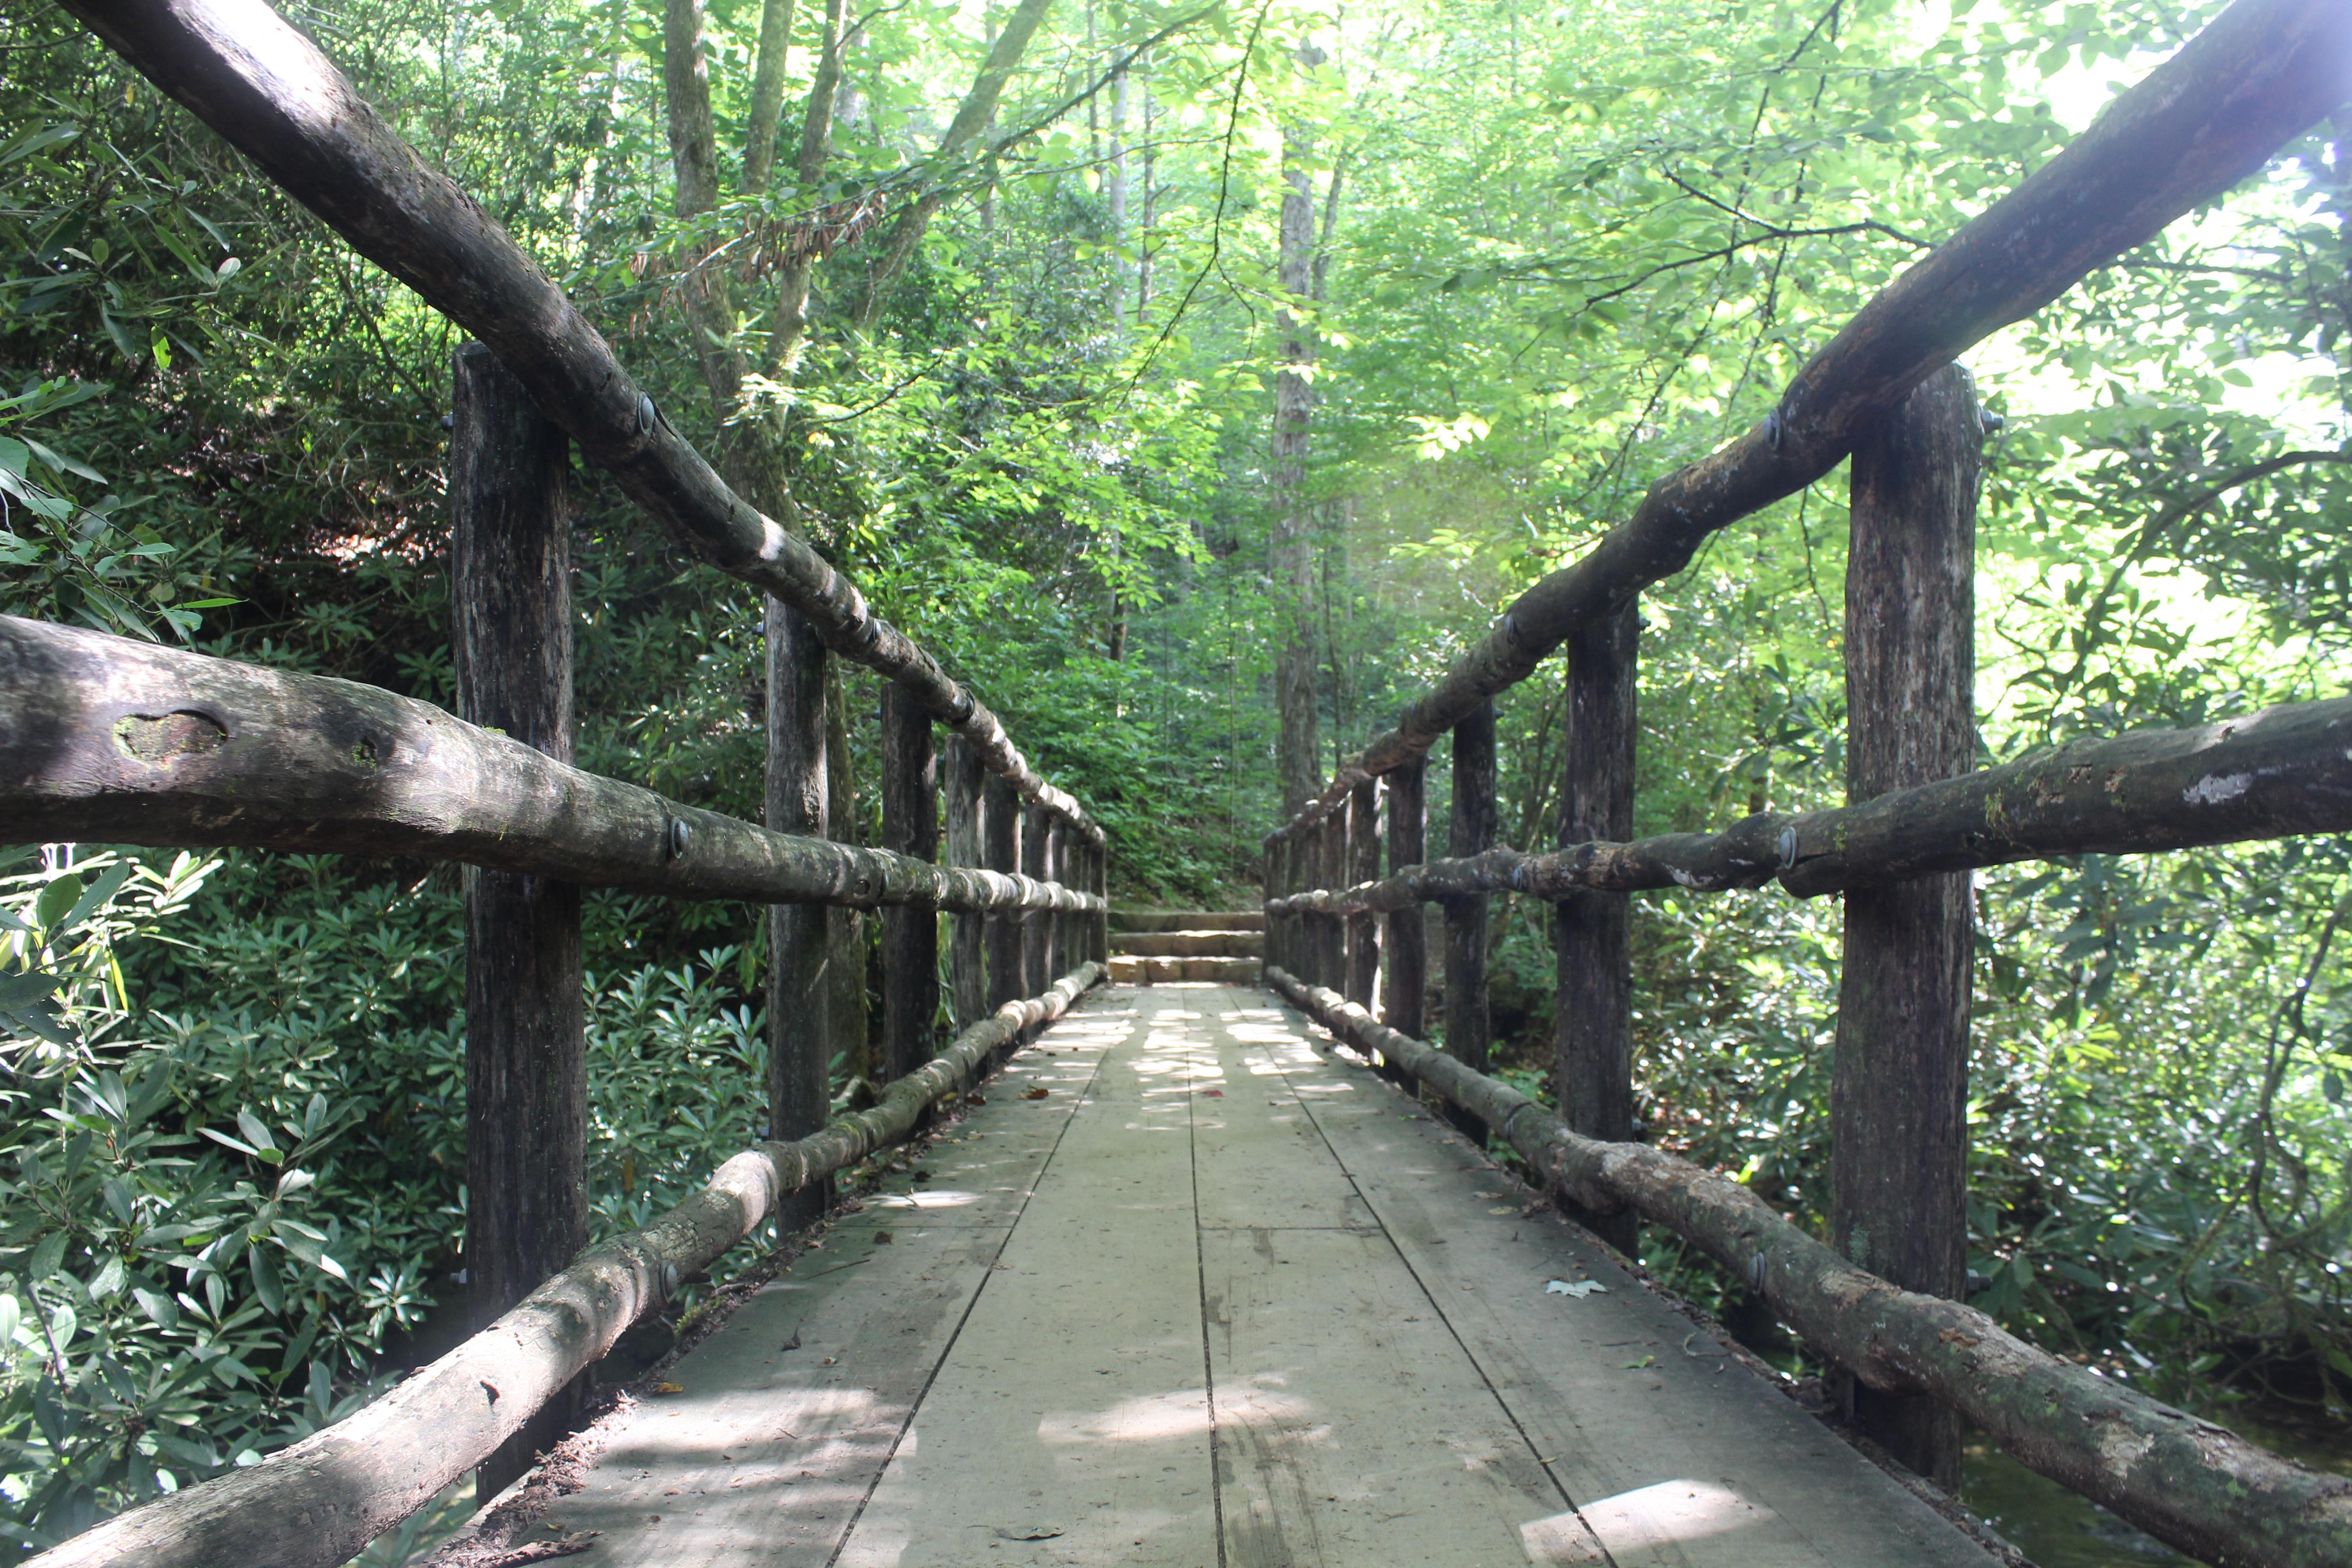 Footbridge in Joyce Kilmer Memorial Forest, Photo by Jodi Rhoden